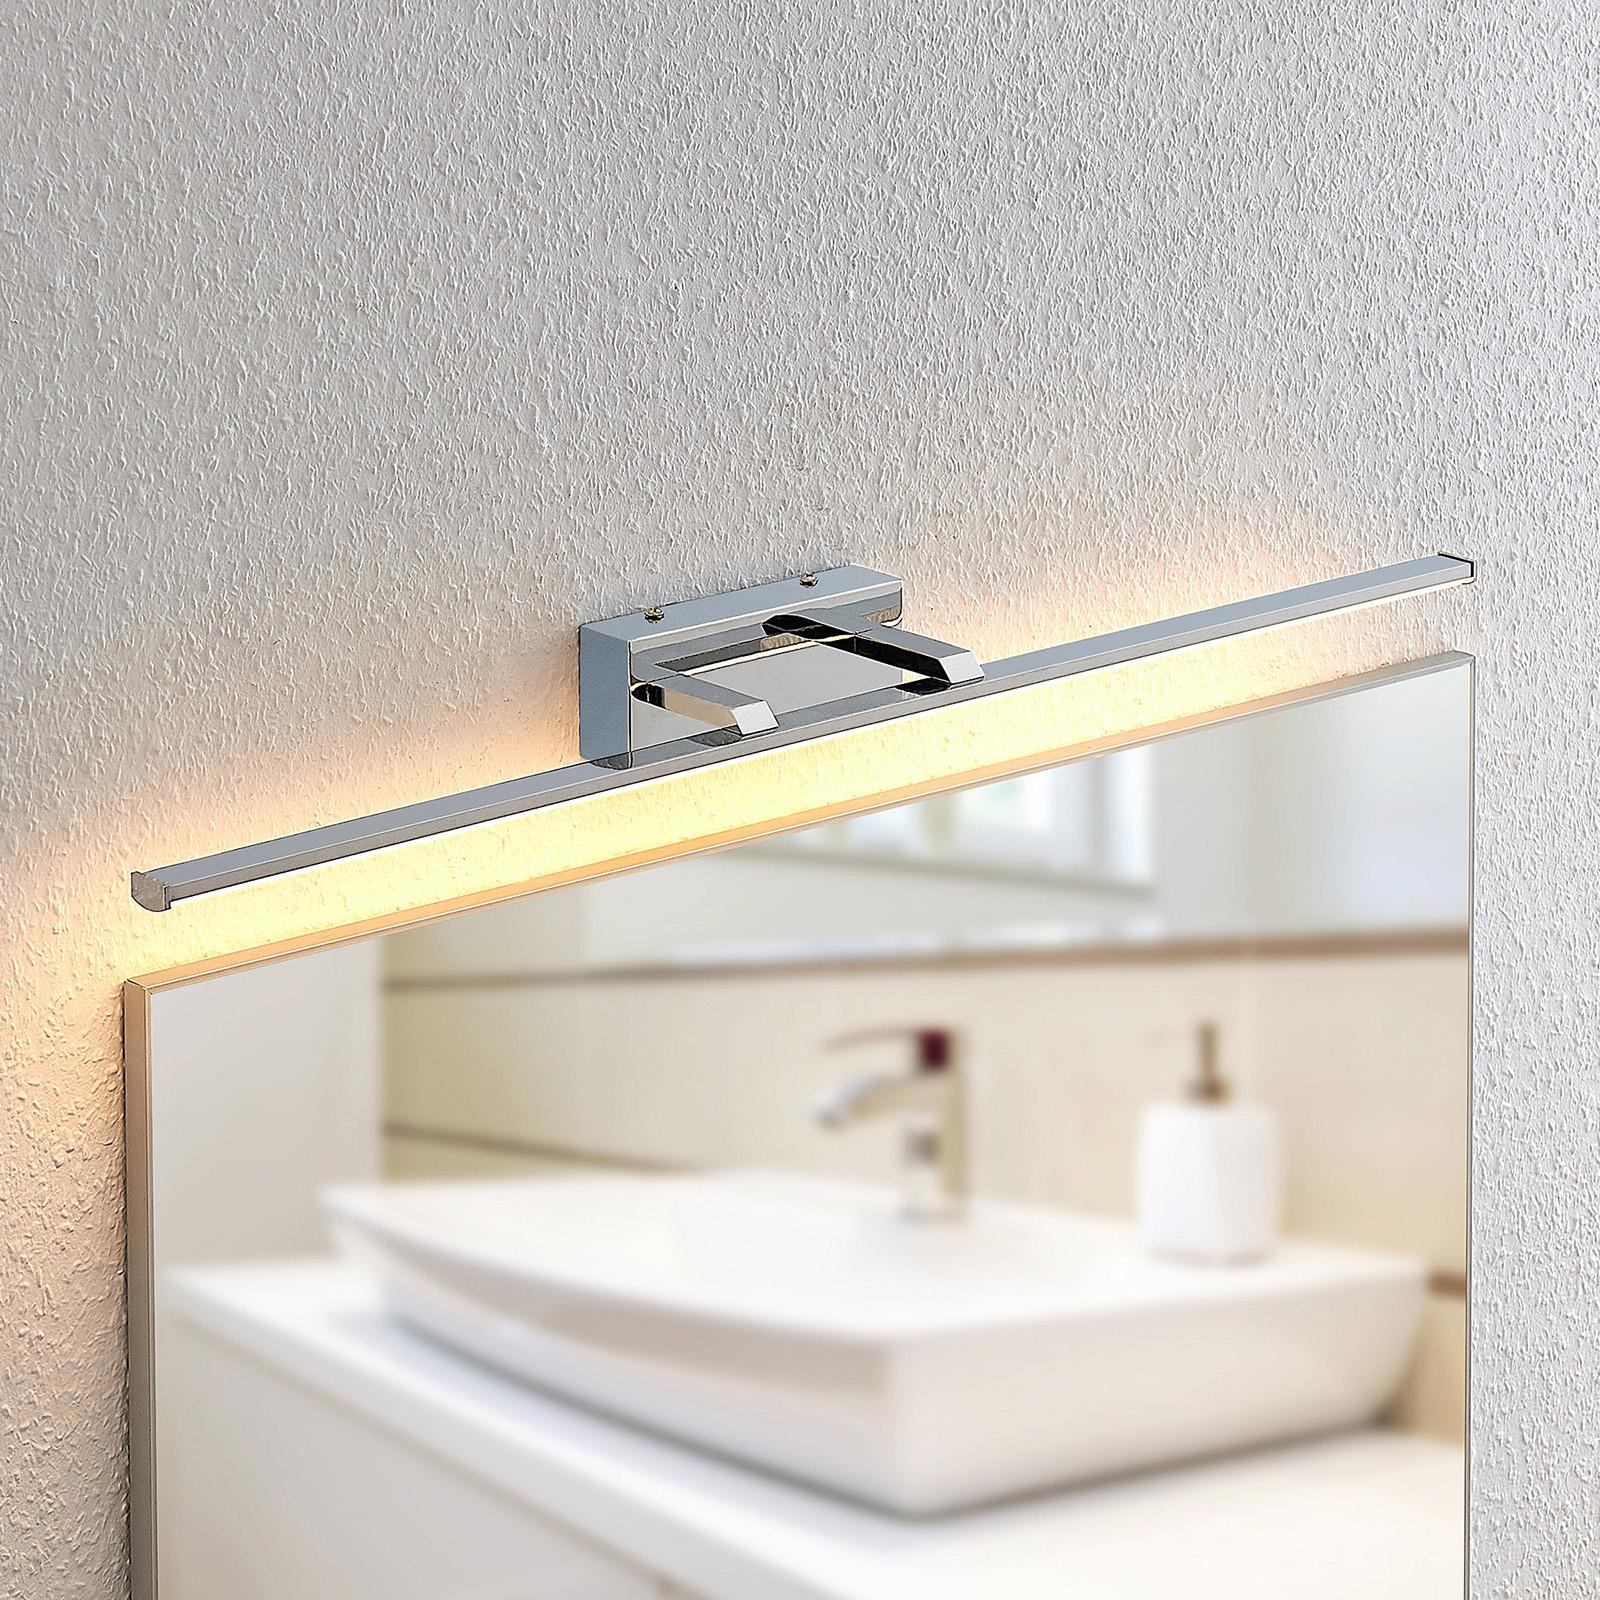 Lindby Eloni LED-badrumsvägglampa, krom